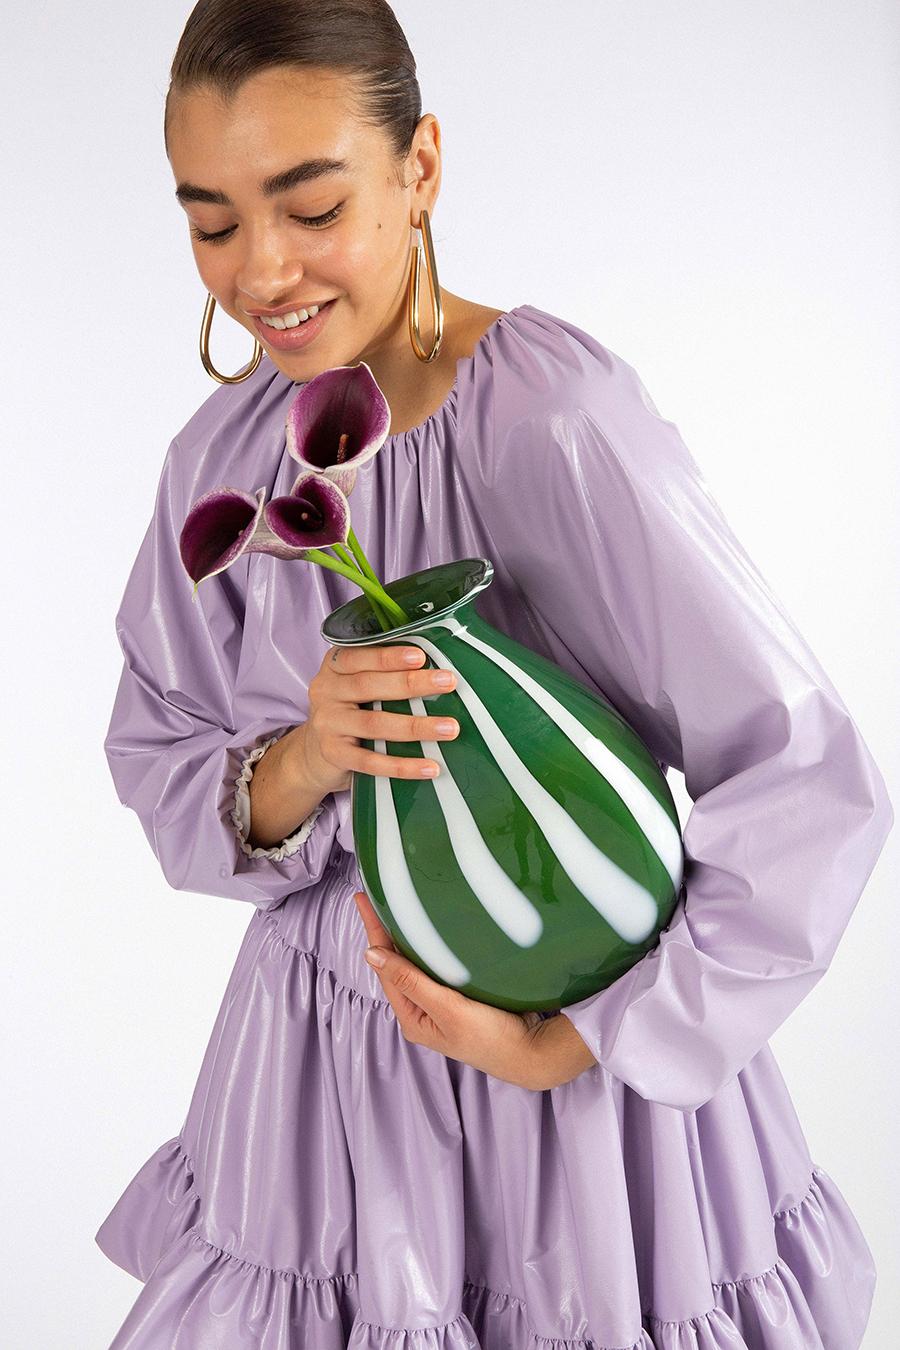 тренды осень зима 2021 2021 лиловый фиаковый сиреневый цвет платье